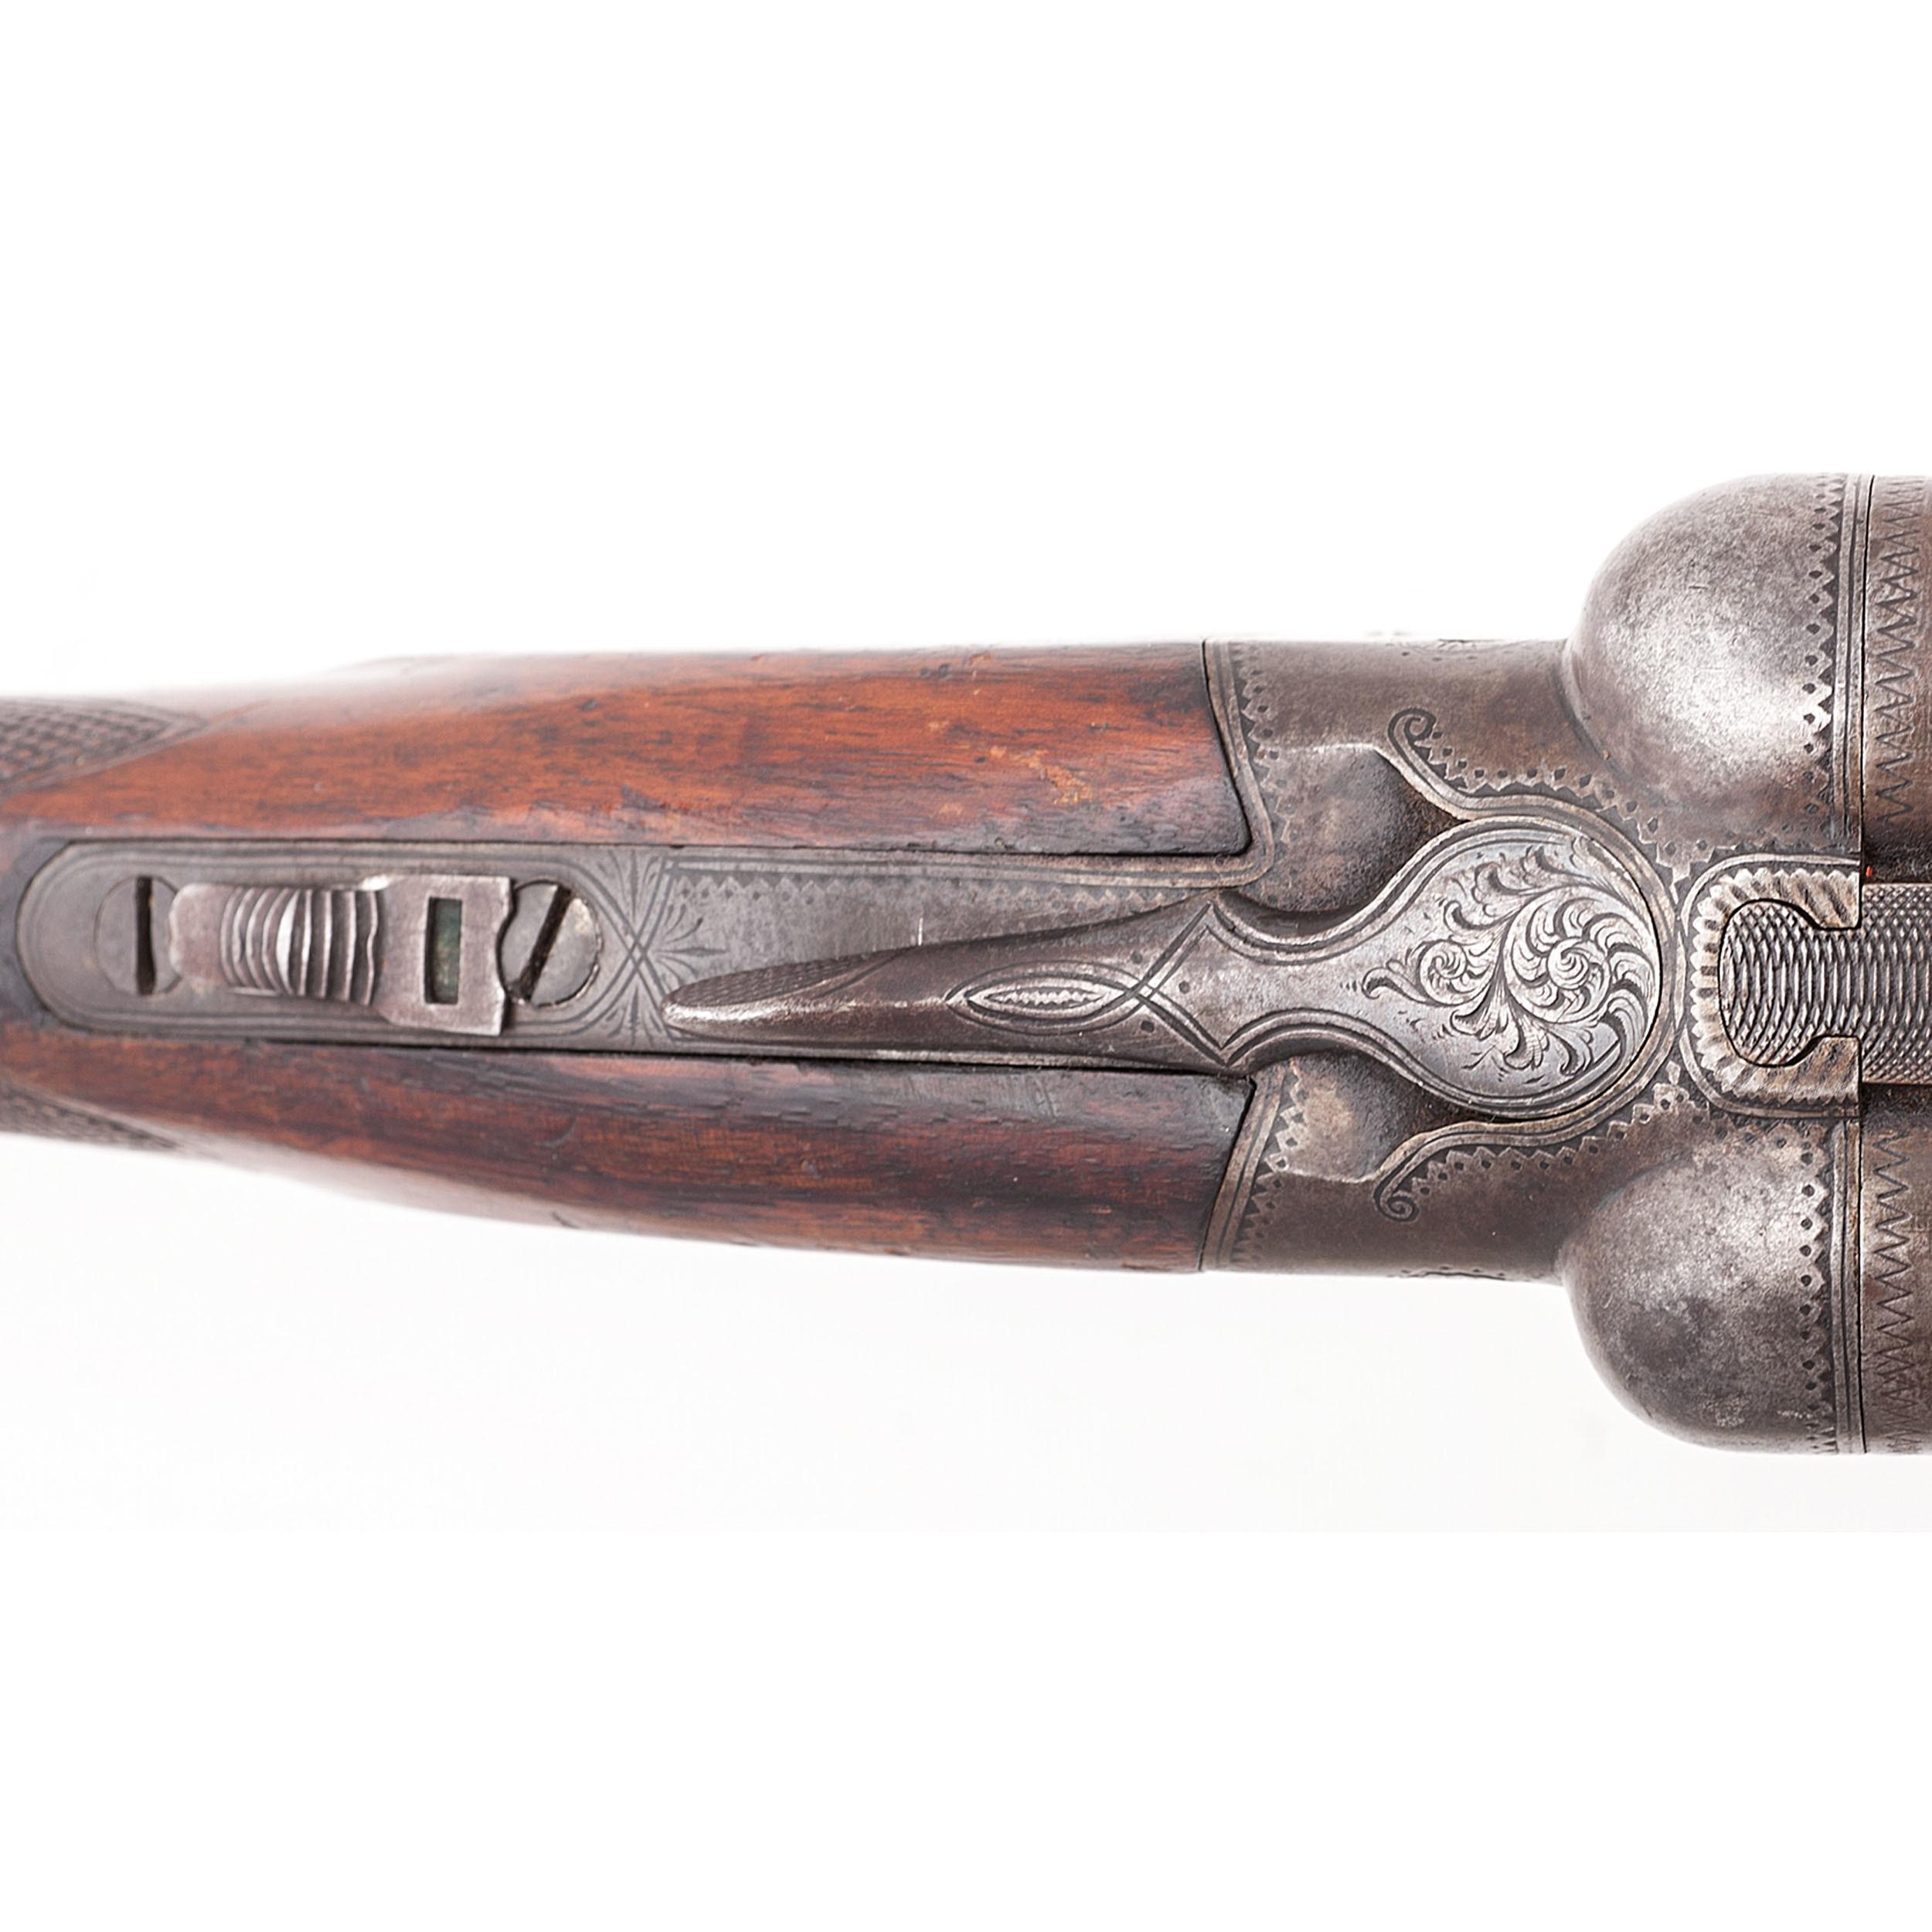 Ithaca Crass Hammerless Double-Barrel Shotgun   Cowan's